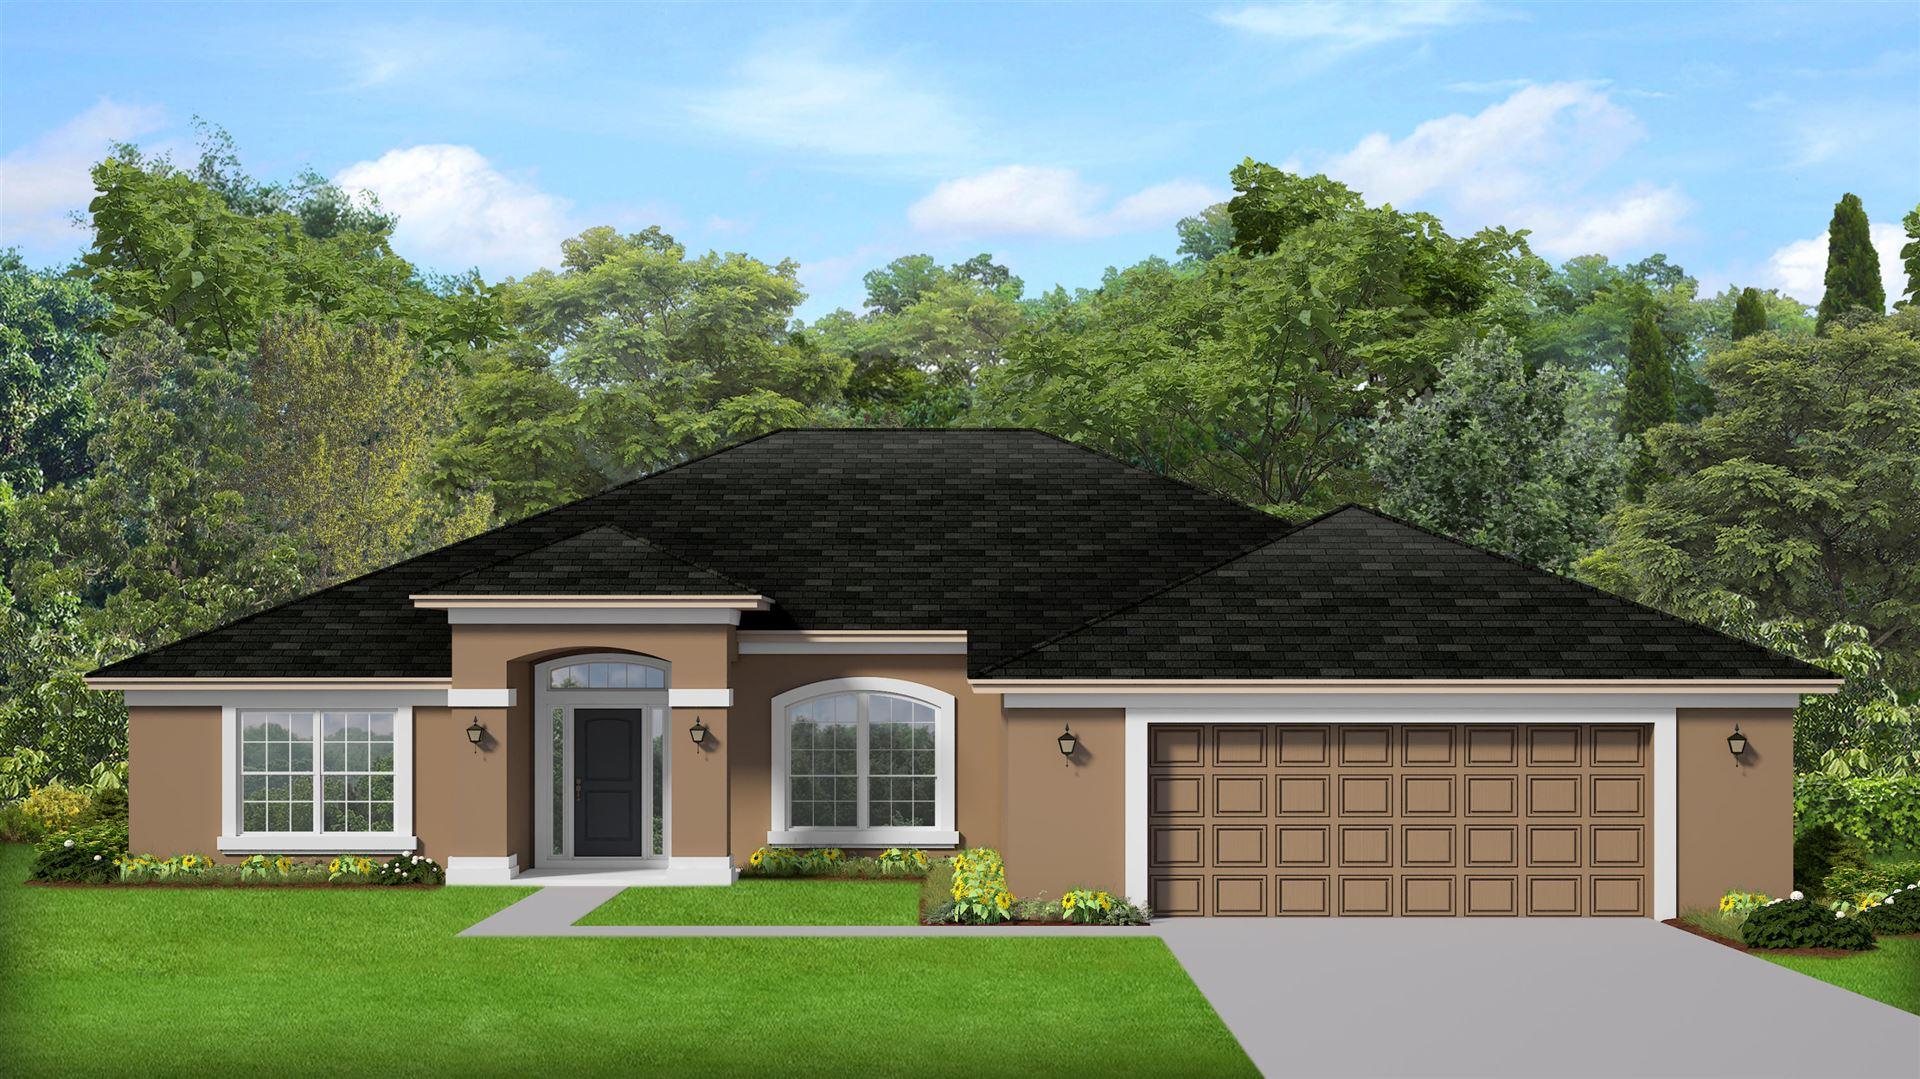 5957 NW Baylor Avenue, Port Saint Lucie, FL 34986 - #: RX-10680692